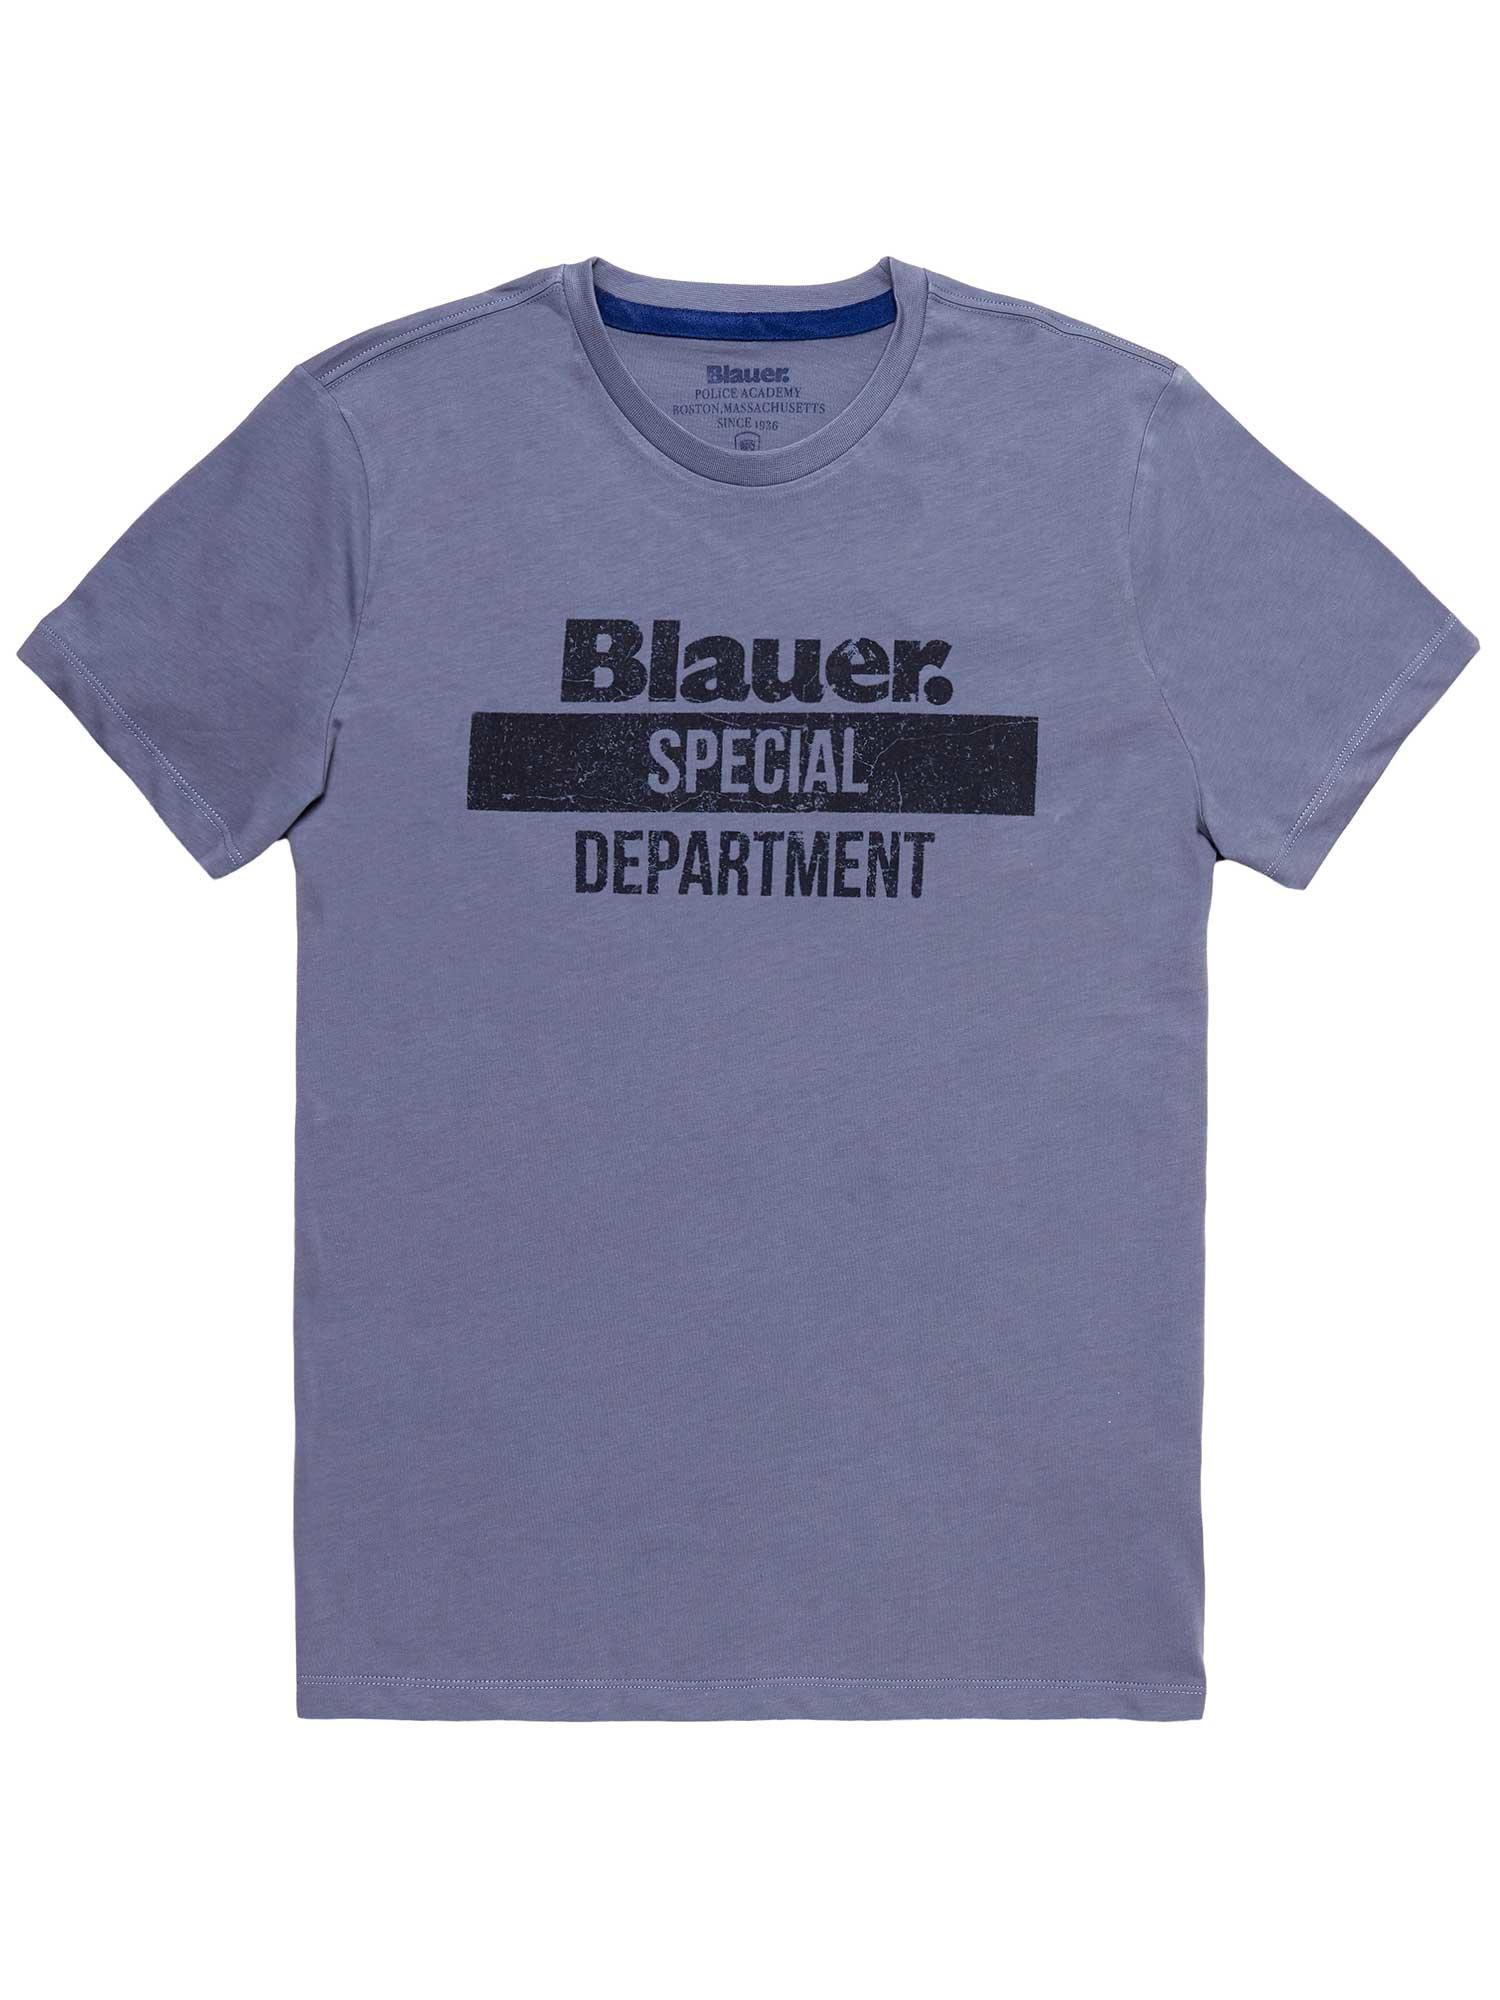 Blauer - T-SHIRT BLAUER SPECIAL DEPARTMENT - Avio Scuro - Blauer